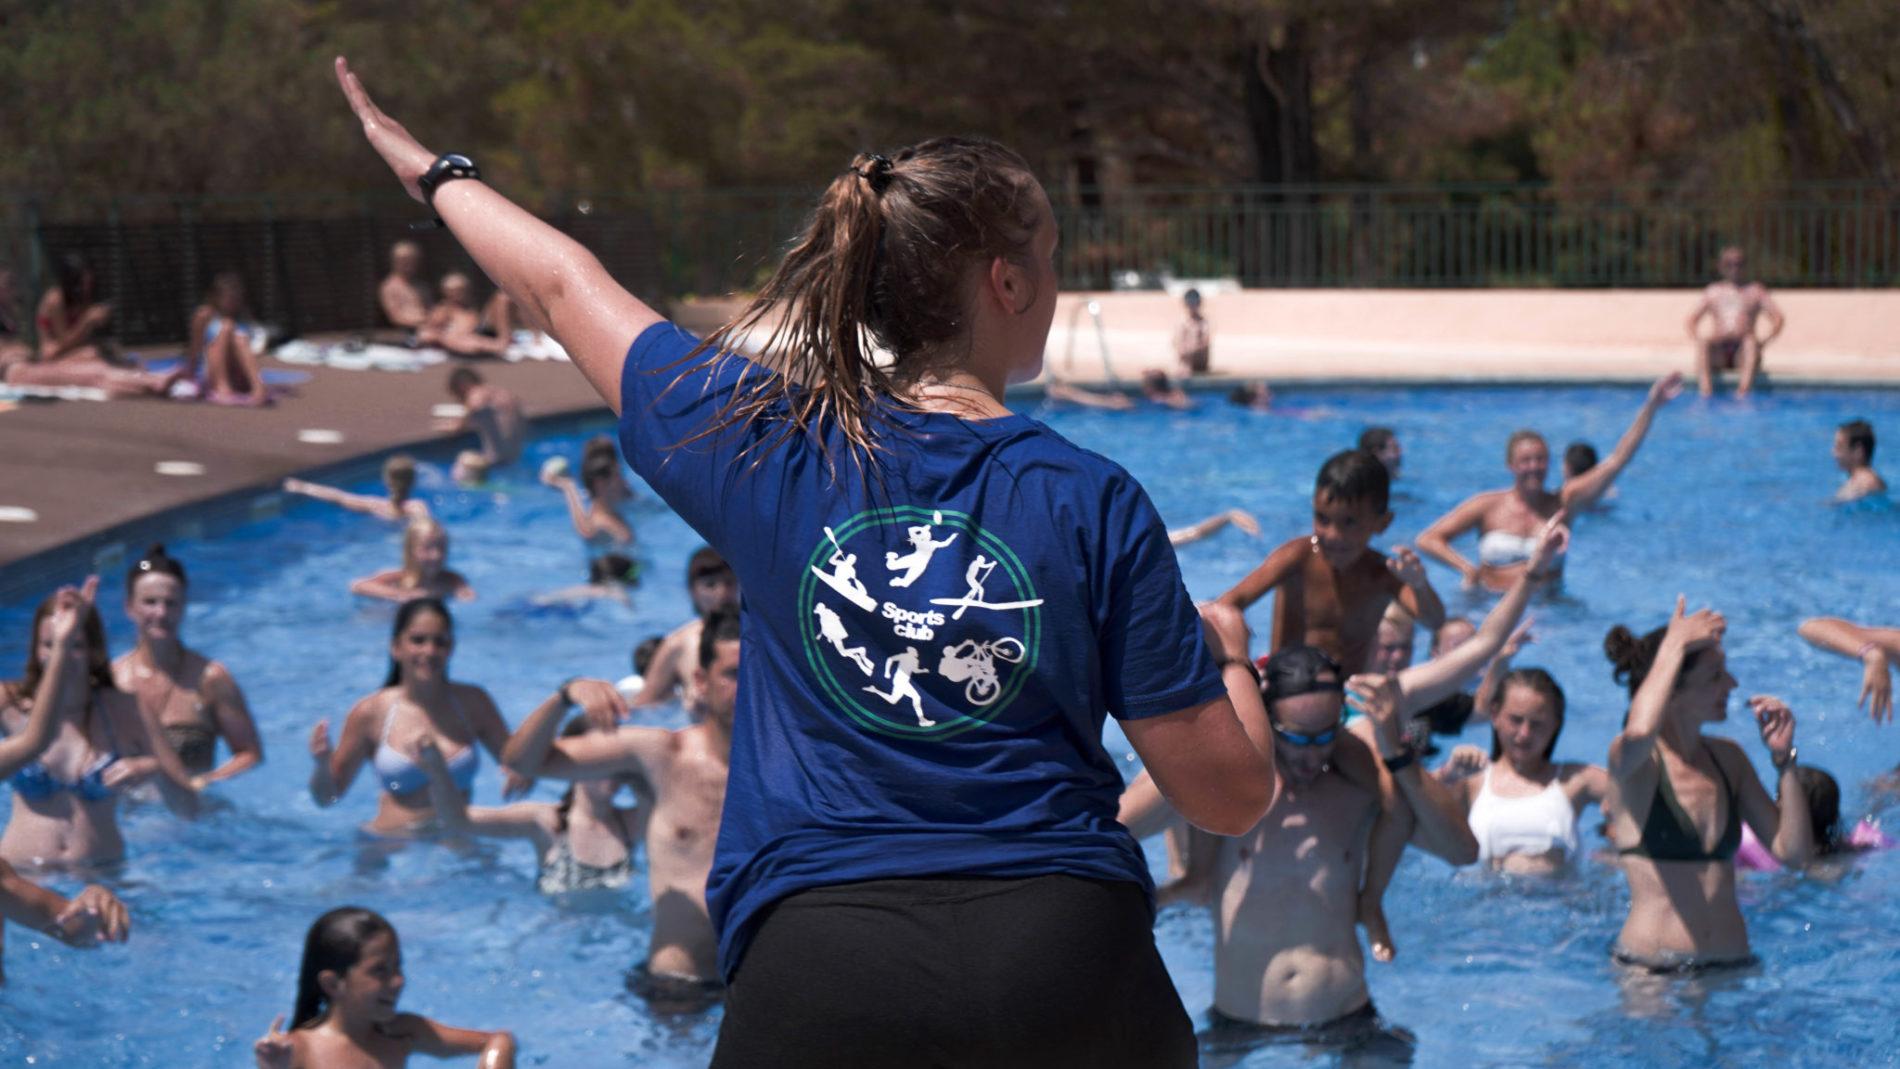 Actividad deportiva en el Sportsclub de camping internacional de calonge.